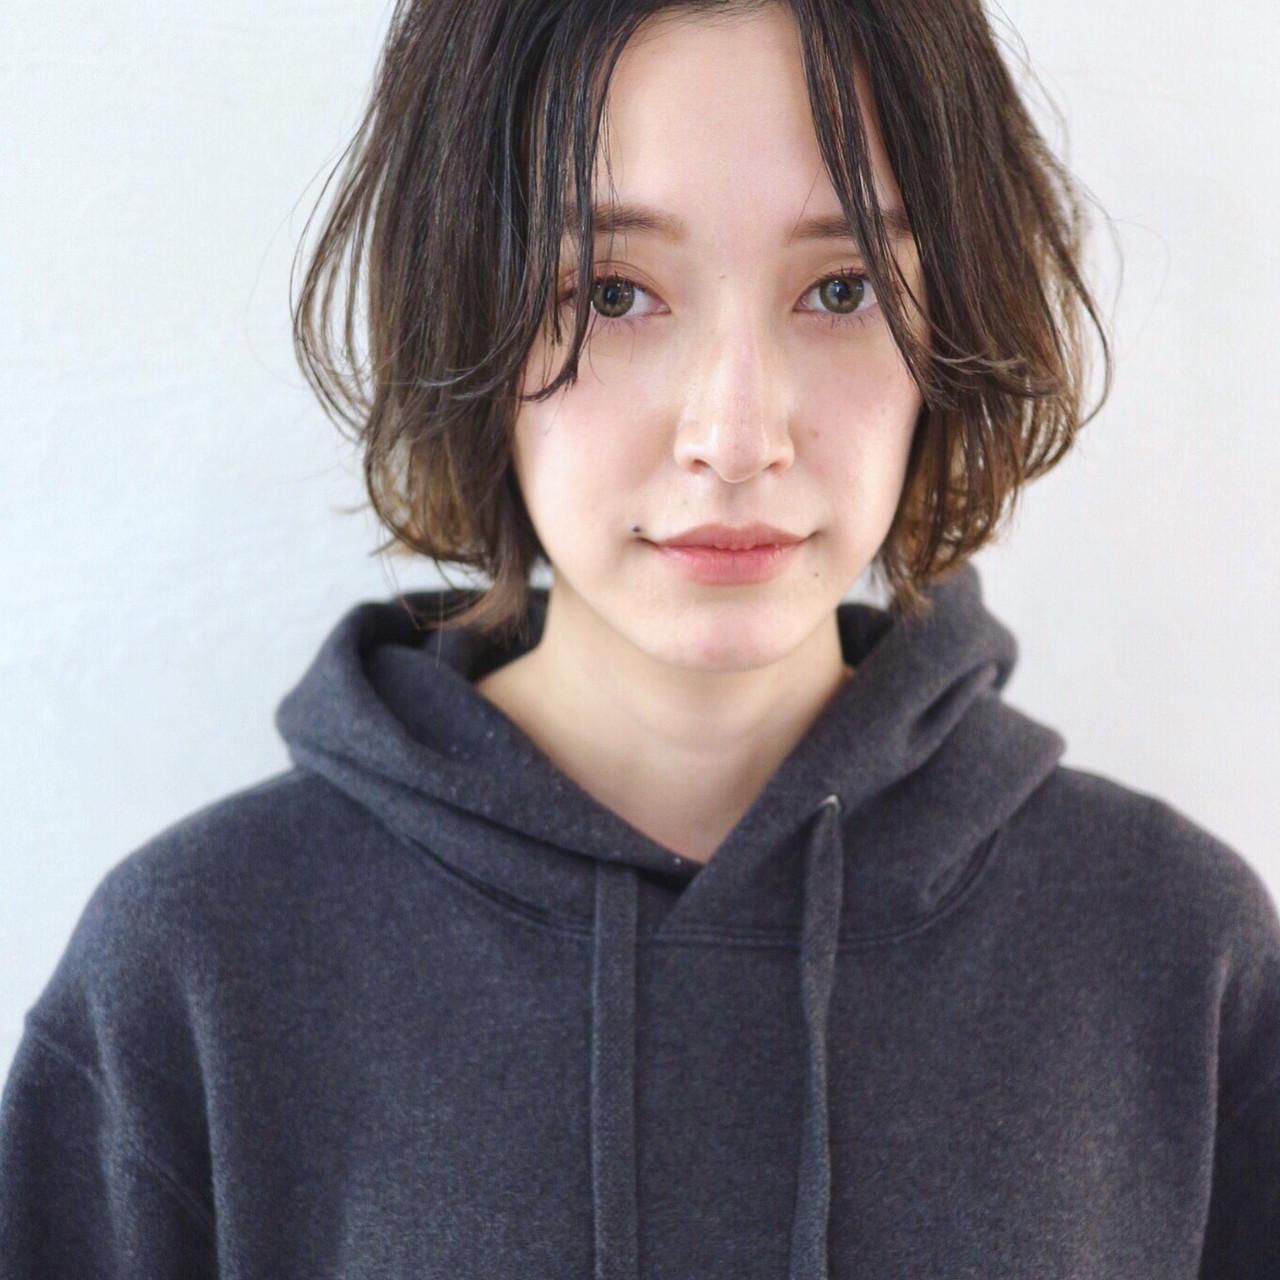 アンニュイほつれヘア ナチュラル シースルーバング アウトドア ヘアスタイルや髪型の写真・画像